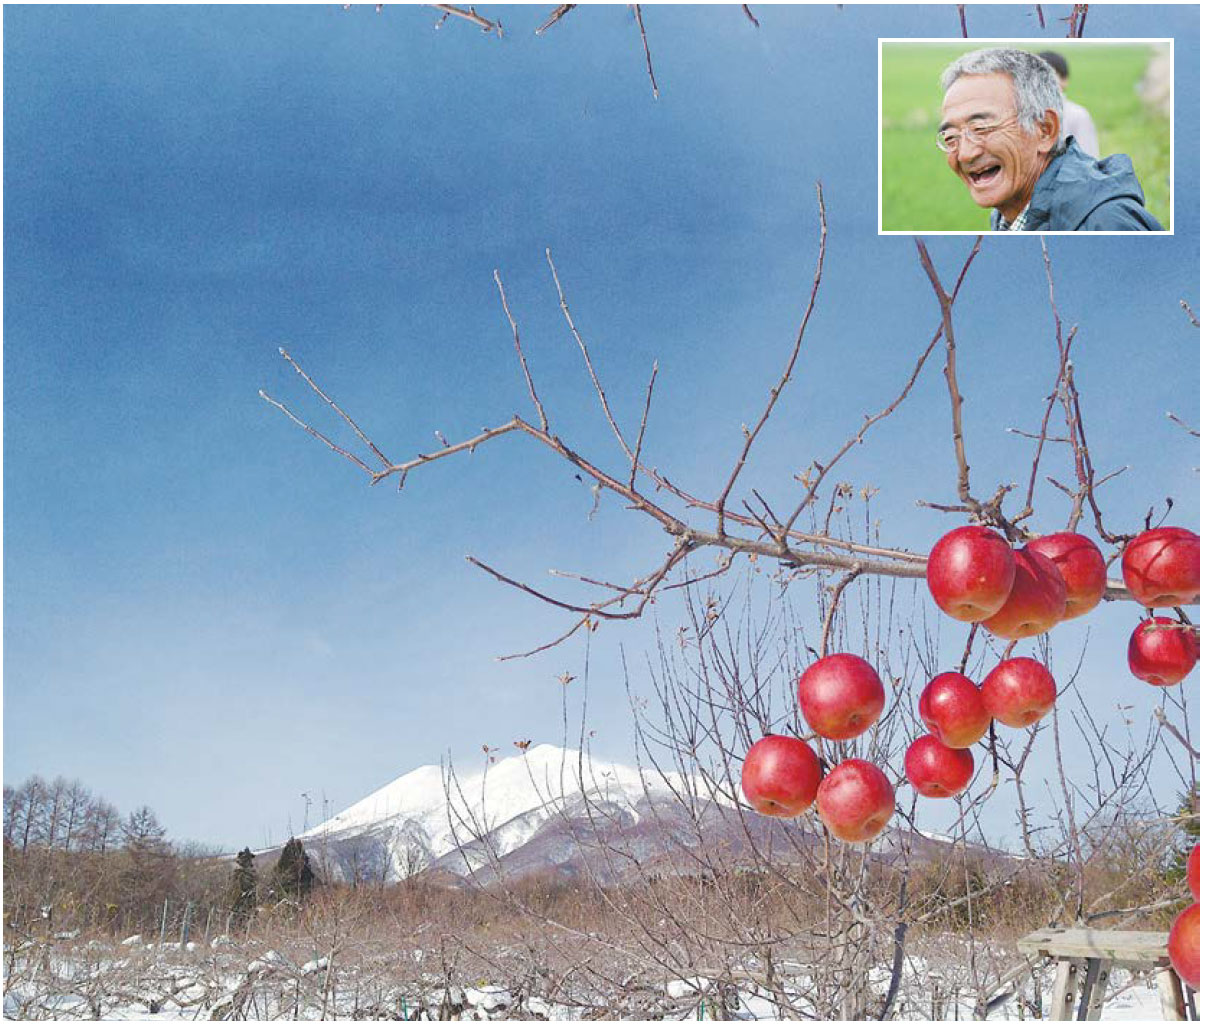 上圖:守得雲開見月明,堅持不施化肥不噴農藥種蘋果的木村秋則,在蘋果園連續11年沒有收成和收入,一家七口持續過著赤貧的生活後,木村蘋果終於面世。(http://akinori-kimura.com) 下圖:木村蘋果能抵禦寒冬酷暑,更不怕害蟲侵擾。(木村秋則臉書)